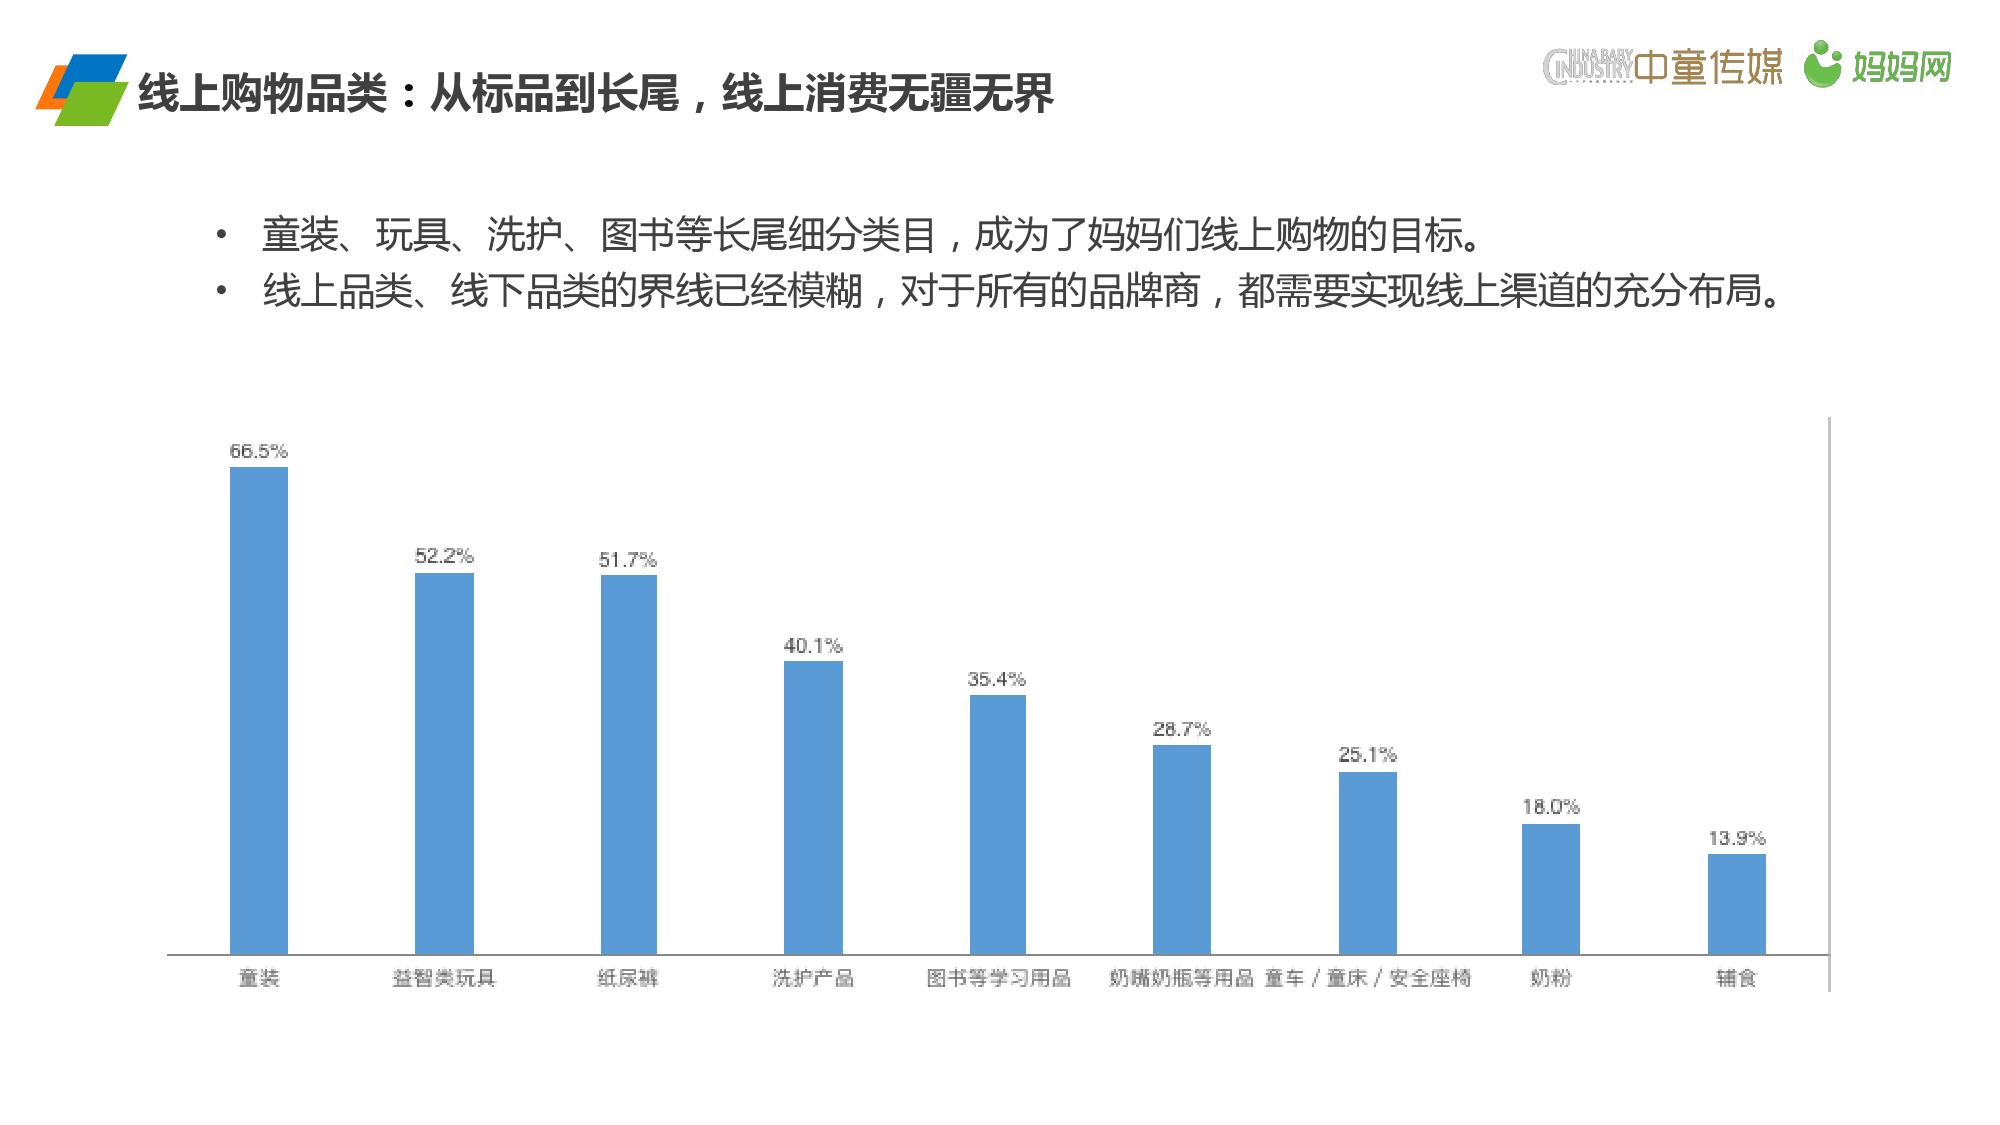 2017母婴消费渠道调研报告-09大数据